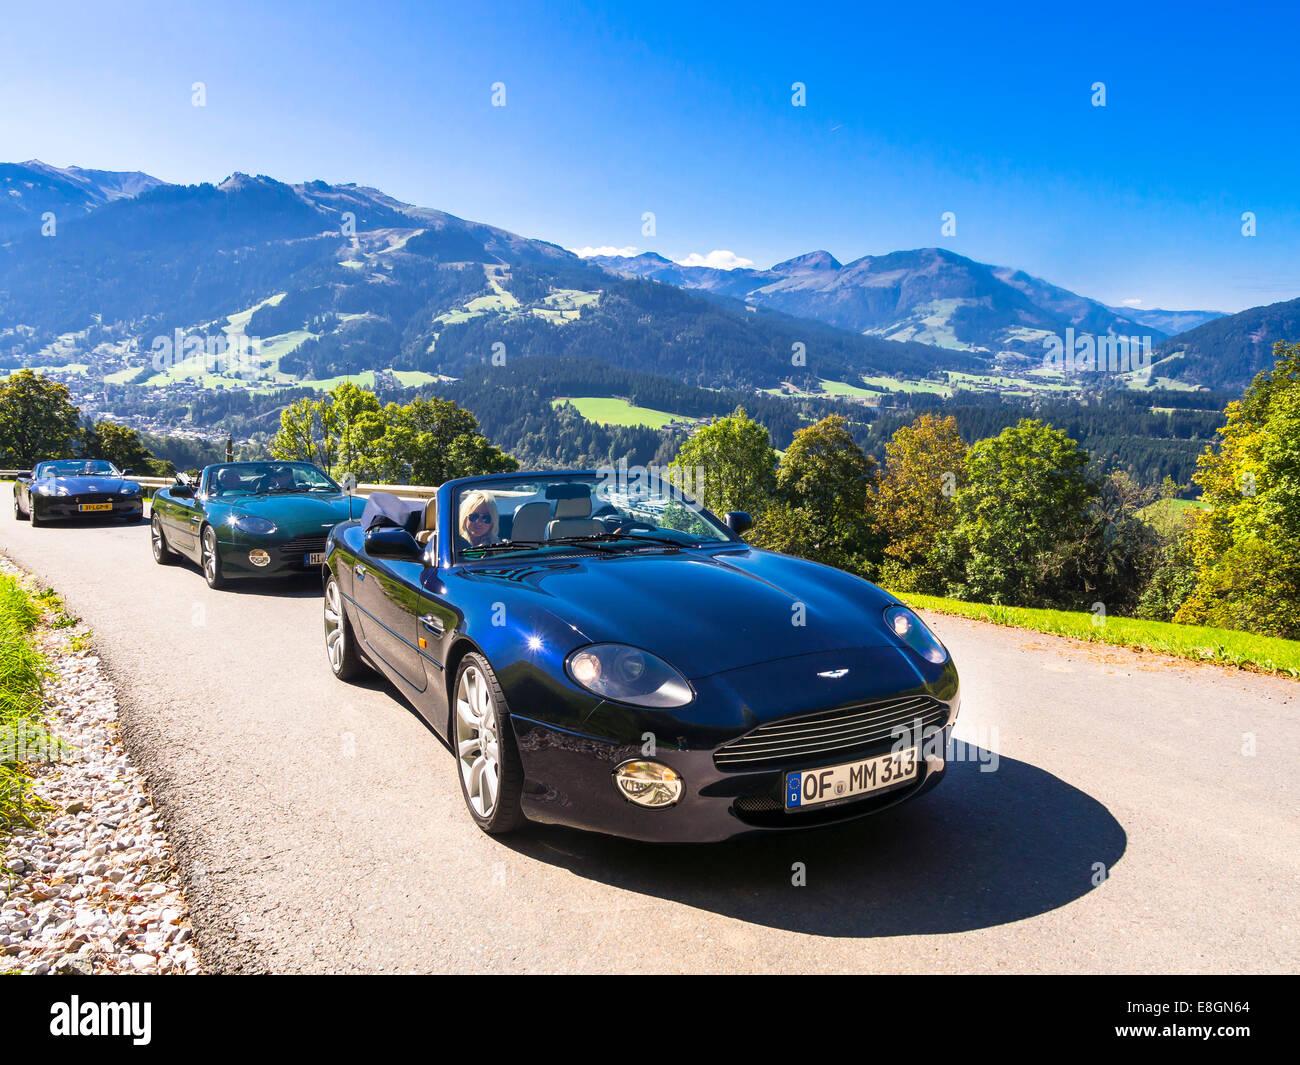 Aston Martin Advert Woman >> Aston Martin Cars Stock Photos & Aston Martin Cars Stock Images - Alamy